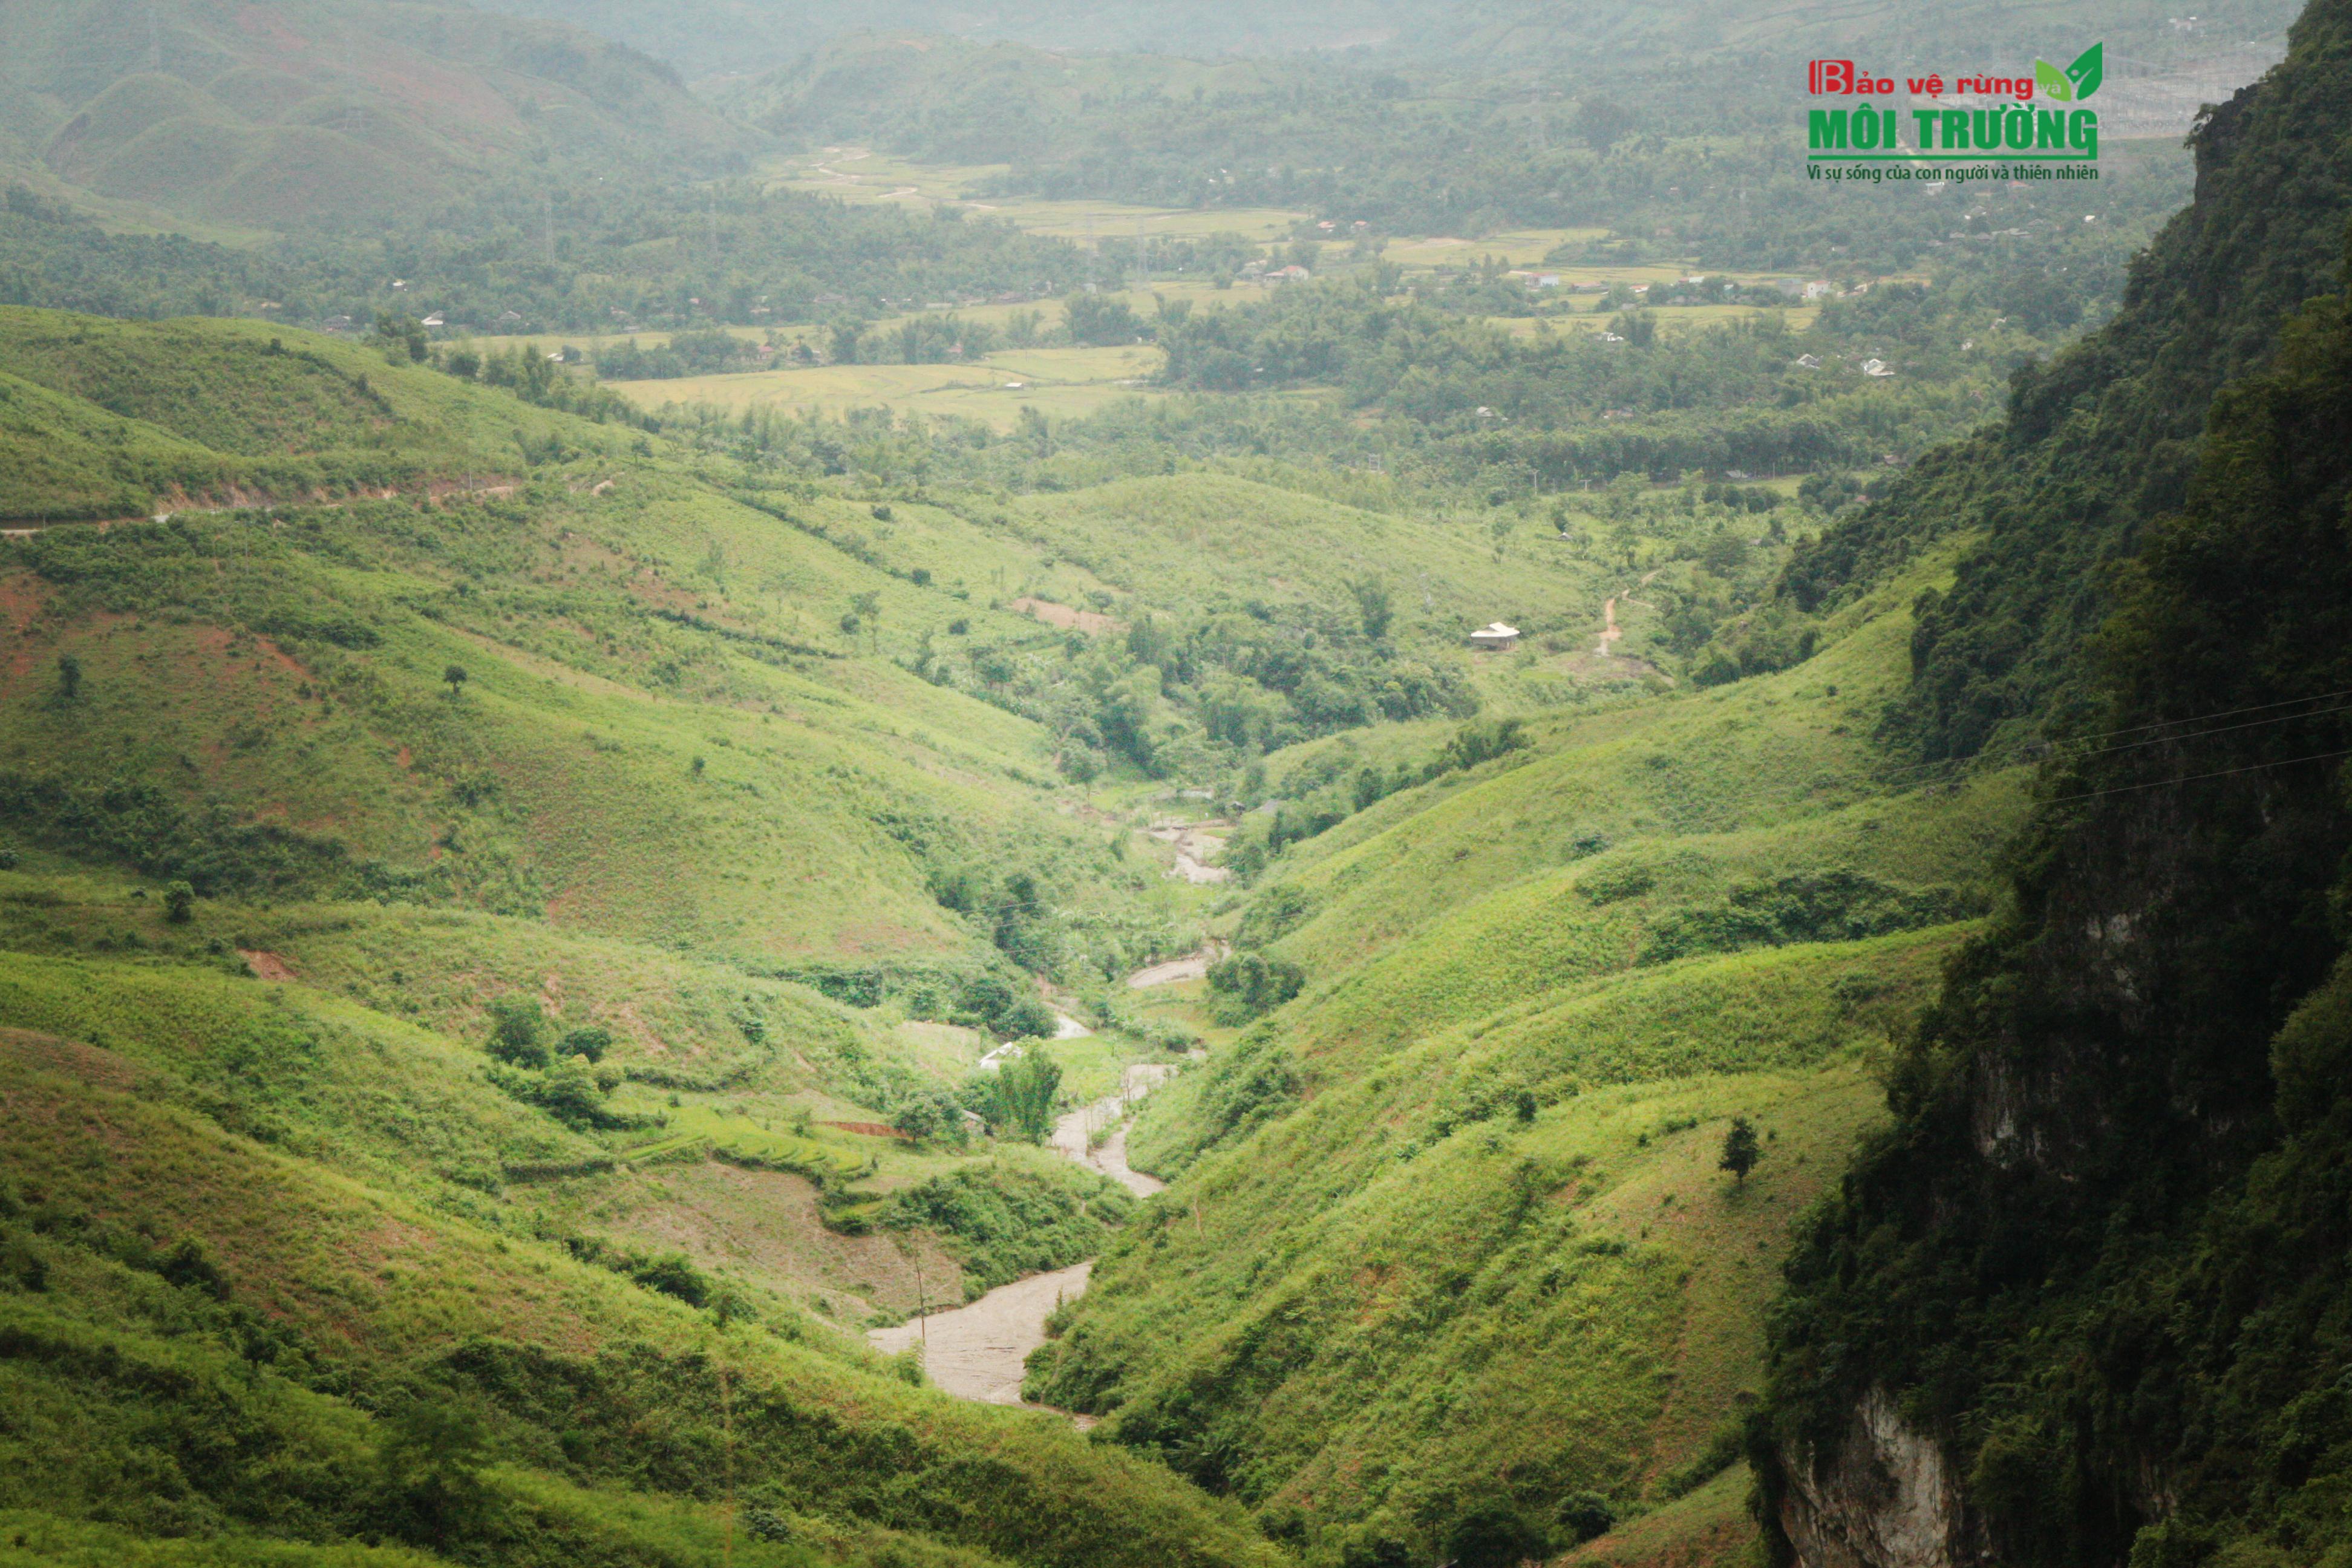 Ở đó có sự bình dị diệu kỳ của thiên nhiên, lại không mất đi vẻ mê hồn vốn có của núi rừng Tây Bắc.